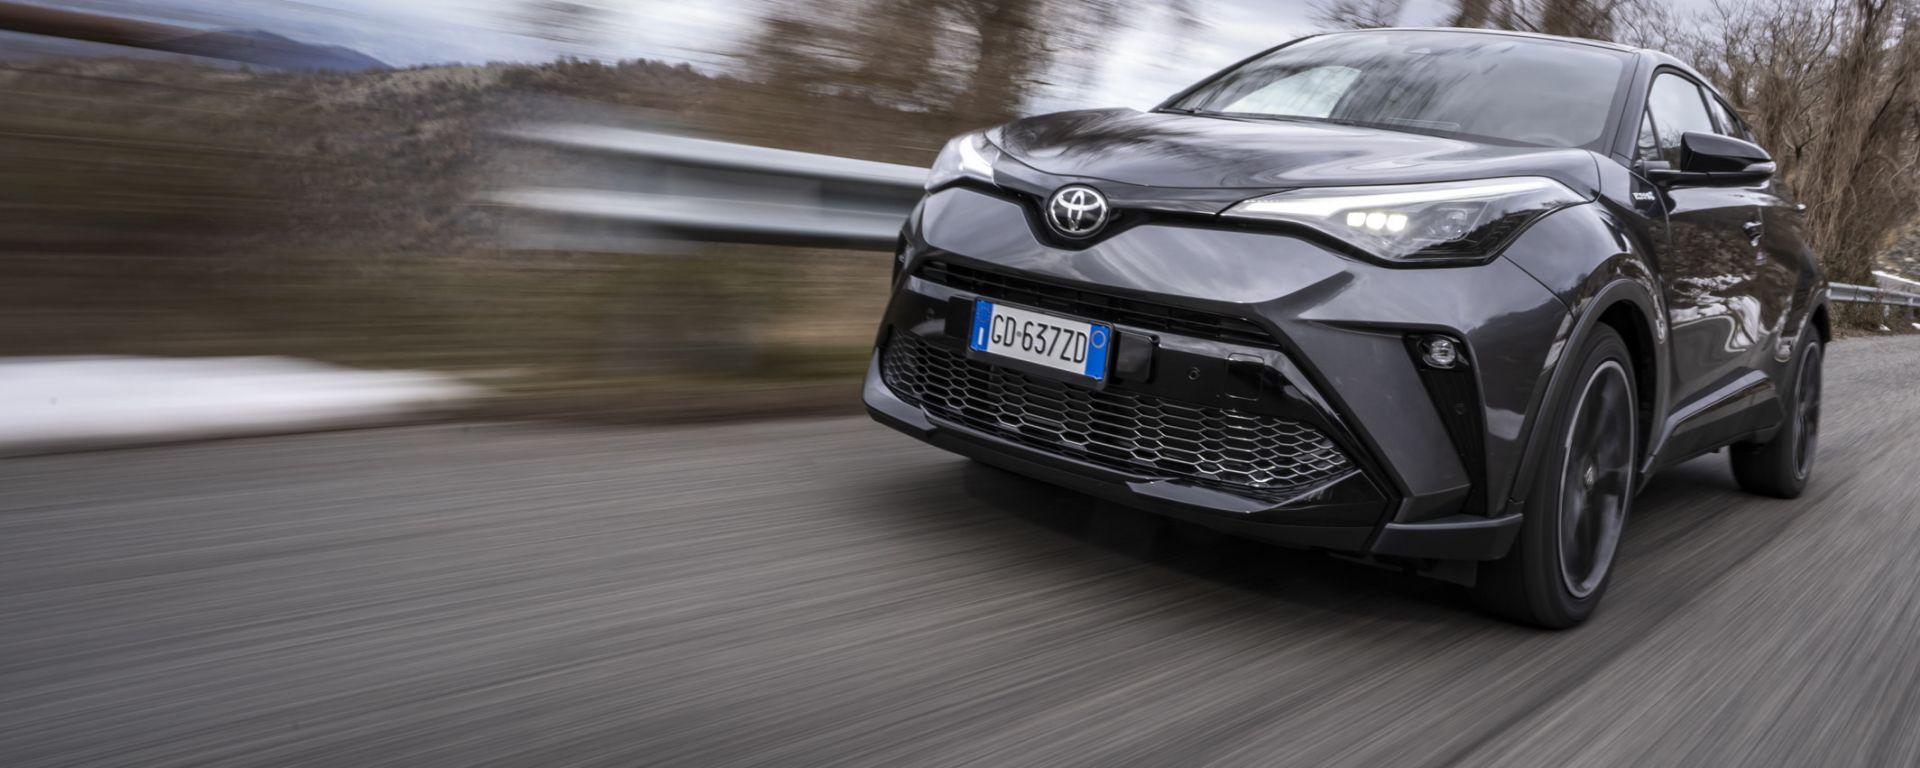 Toyota C-HR GR Sport, un Suv coupé inc***ato nero. Il prezzo